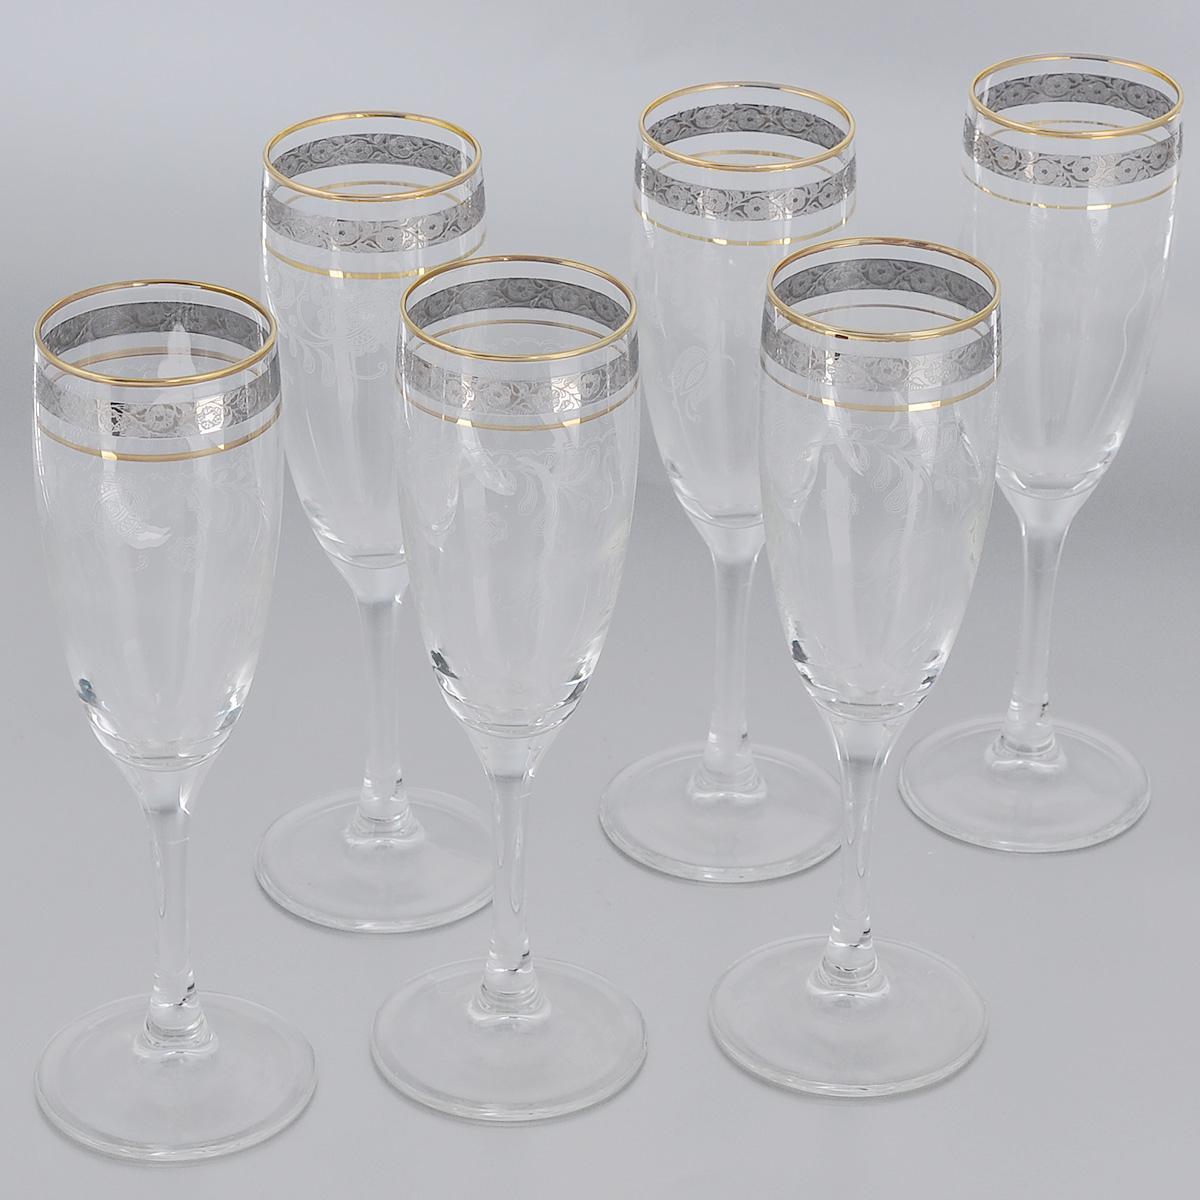 Набор бокалов Гусь-Хрустальный Нежность, 190 мл, 6 штTL34-419Набор Гусь-Хрустальный Нежность состоит из 6 бокалов на длинных тонких ножках, изготовленных из высококачественного натрий-кальций-силикатного стекла. Изделия оформлены красивым зеркальным покрытием и прозрачным орнаментом. Бокалы предназначены для шампанского или вина. Такой набор прекрасно дополнит праздничный стол и станет желанным подарком в любом доме. Разрешается мыть в посудомоечной машине. Диаметр бокала (по верхнему краю): 5 см. Высота бокала: 18,5 см.